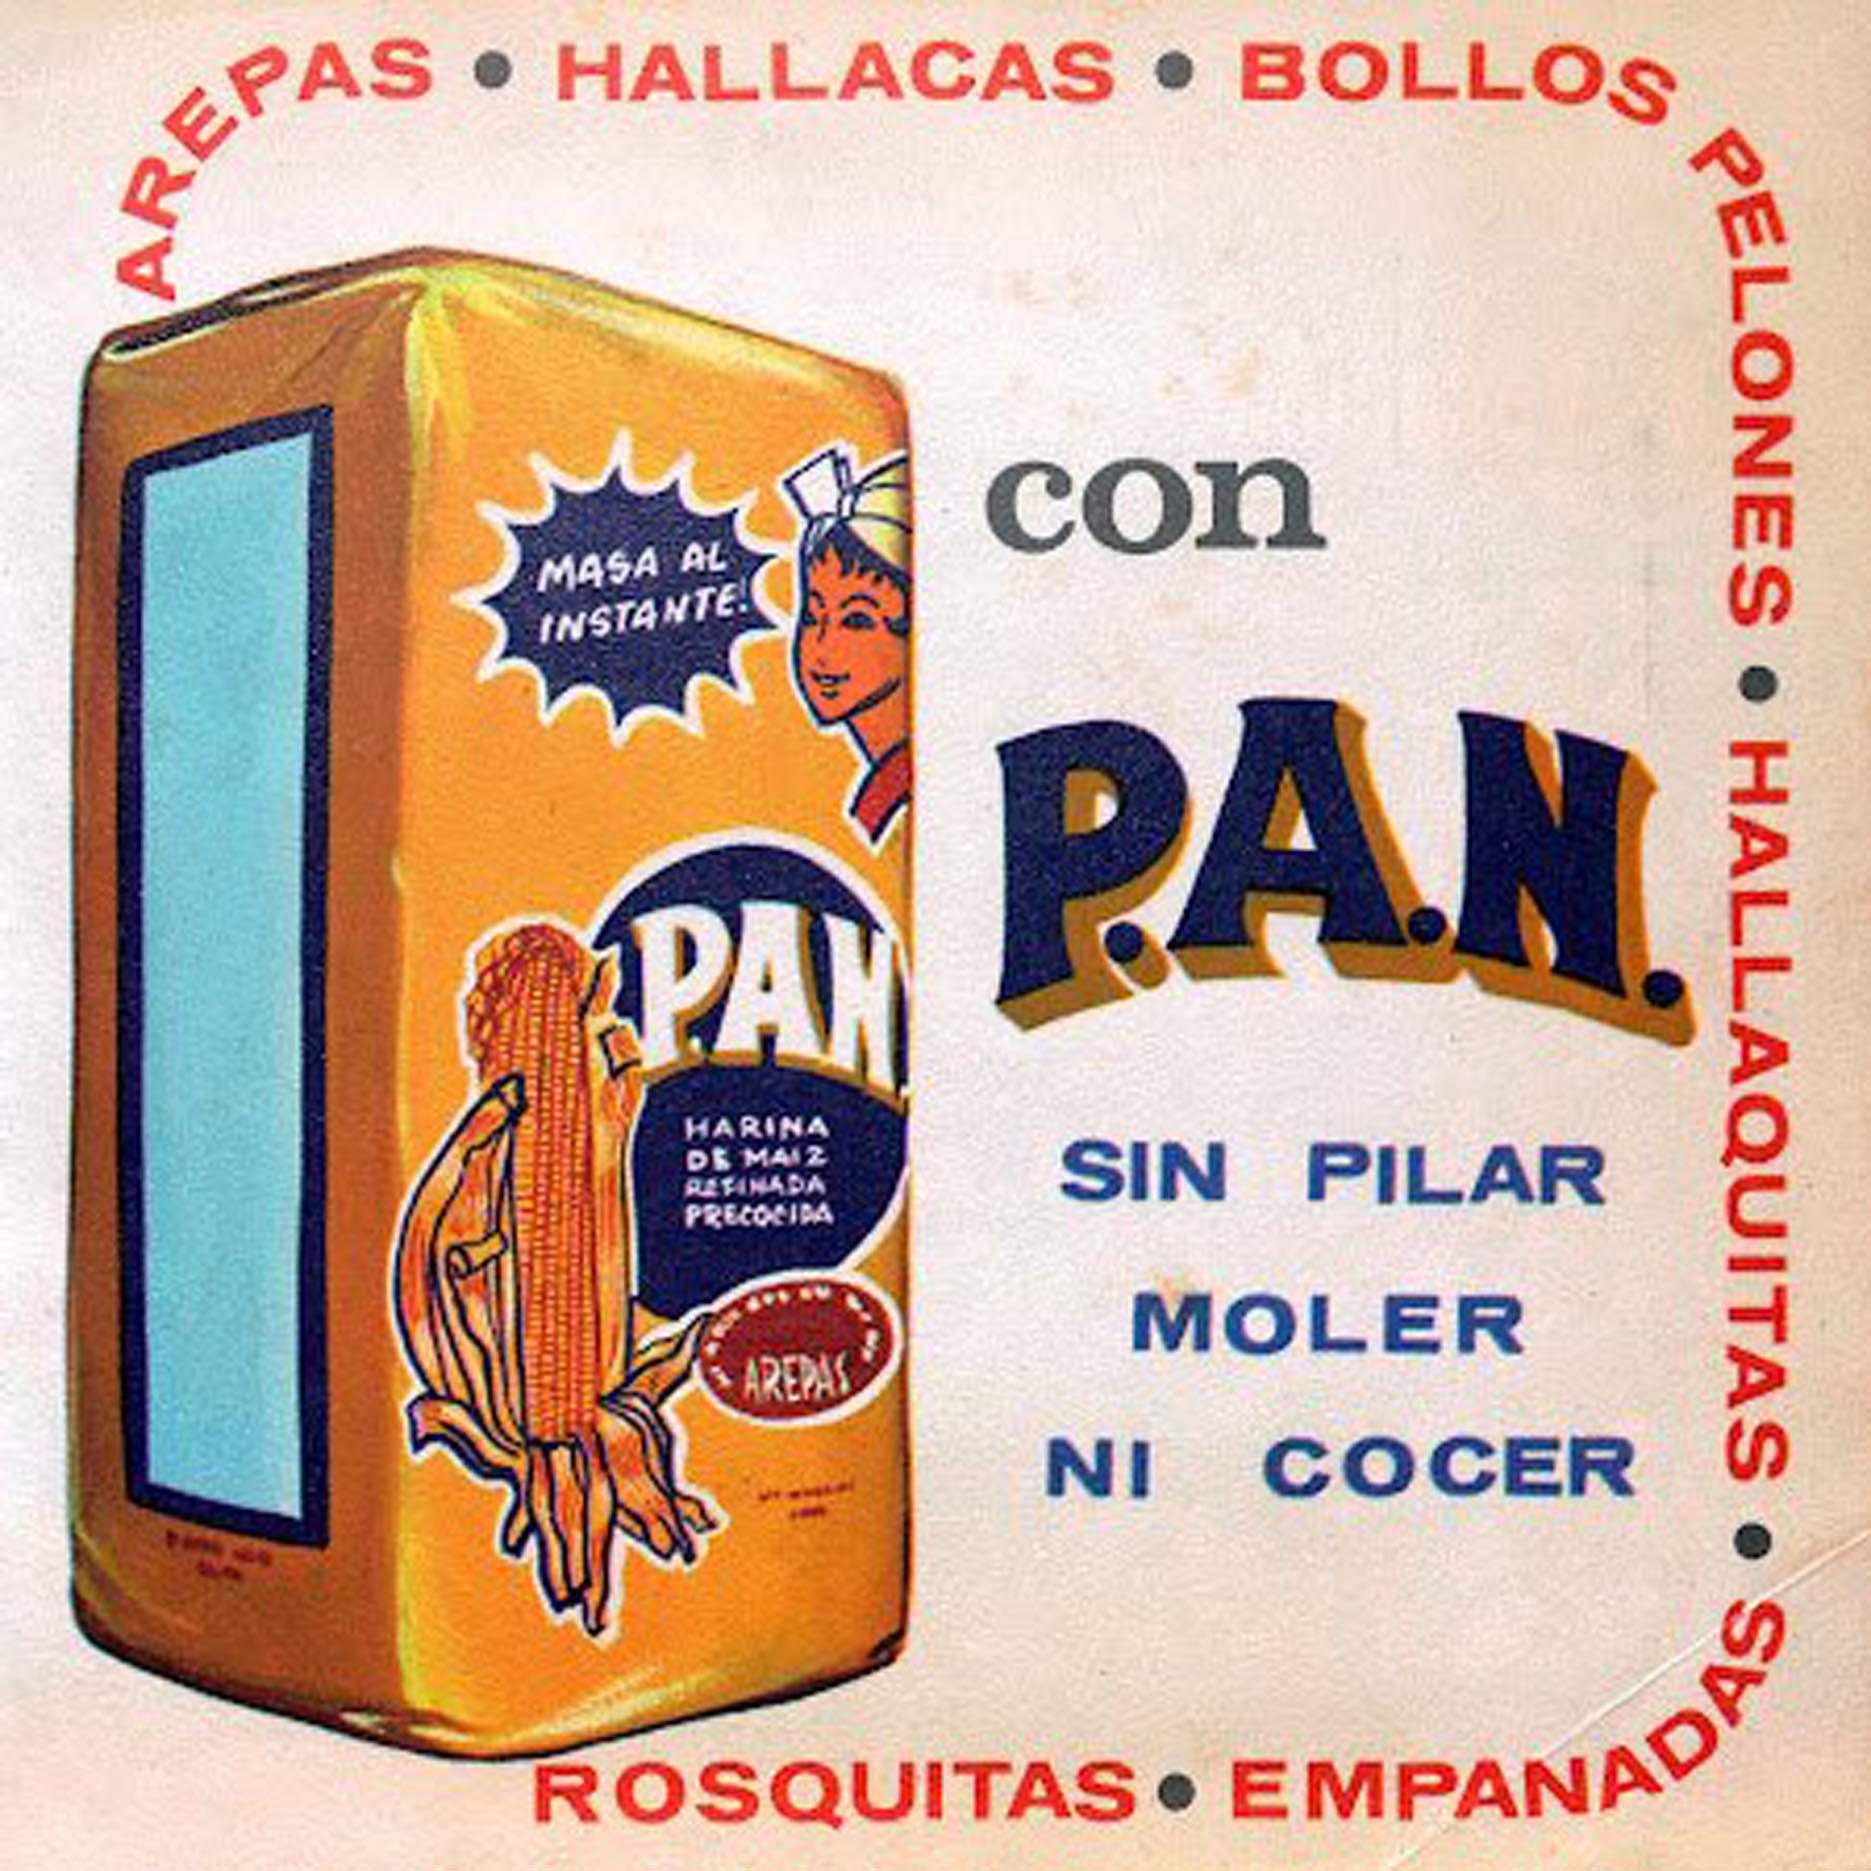 Retro carteles de publicidad de los a os 80 y 90 im genes taringa - Carteles retro ...